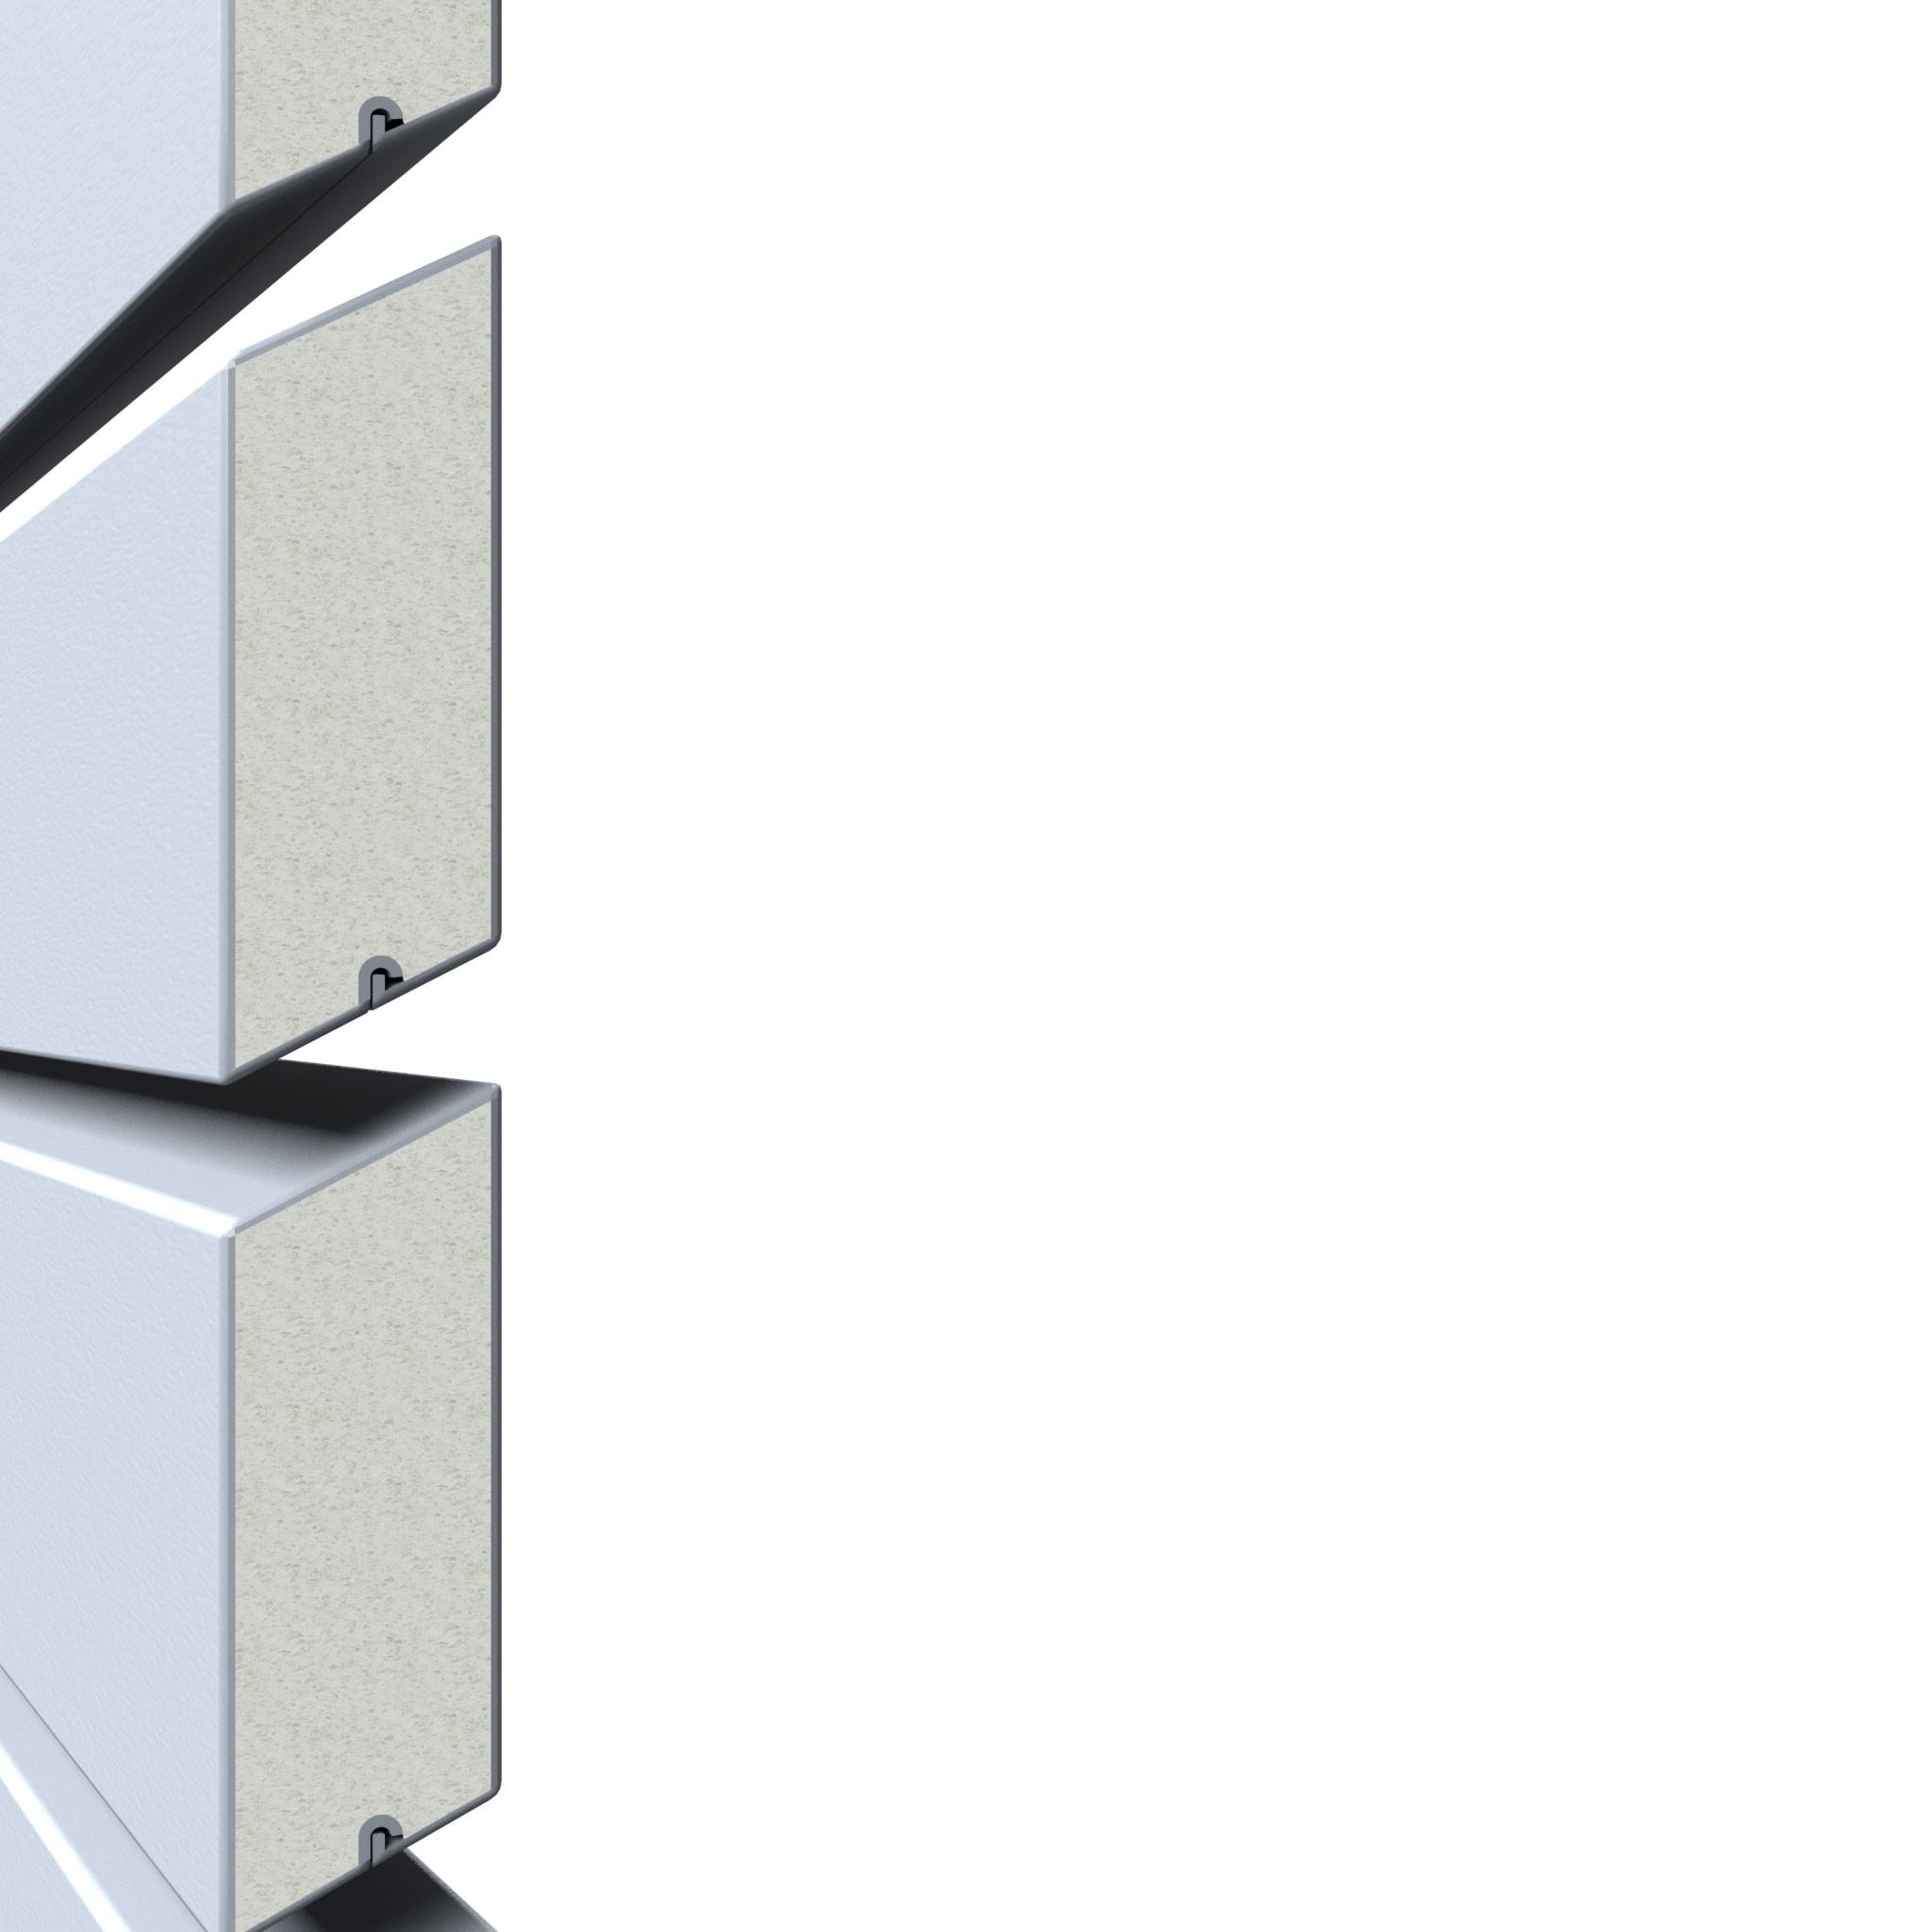 Sichtschutzzaun Traumgarten System Metall Rhombus silber 180x180cm Bild 2